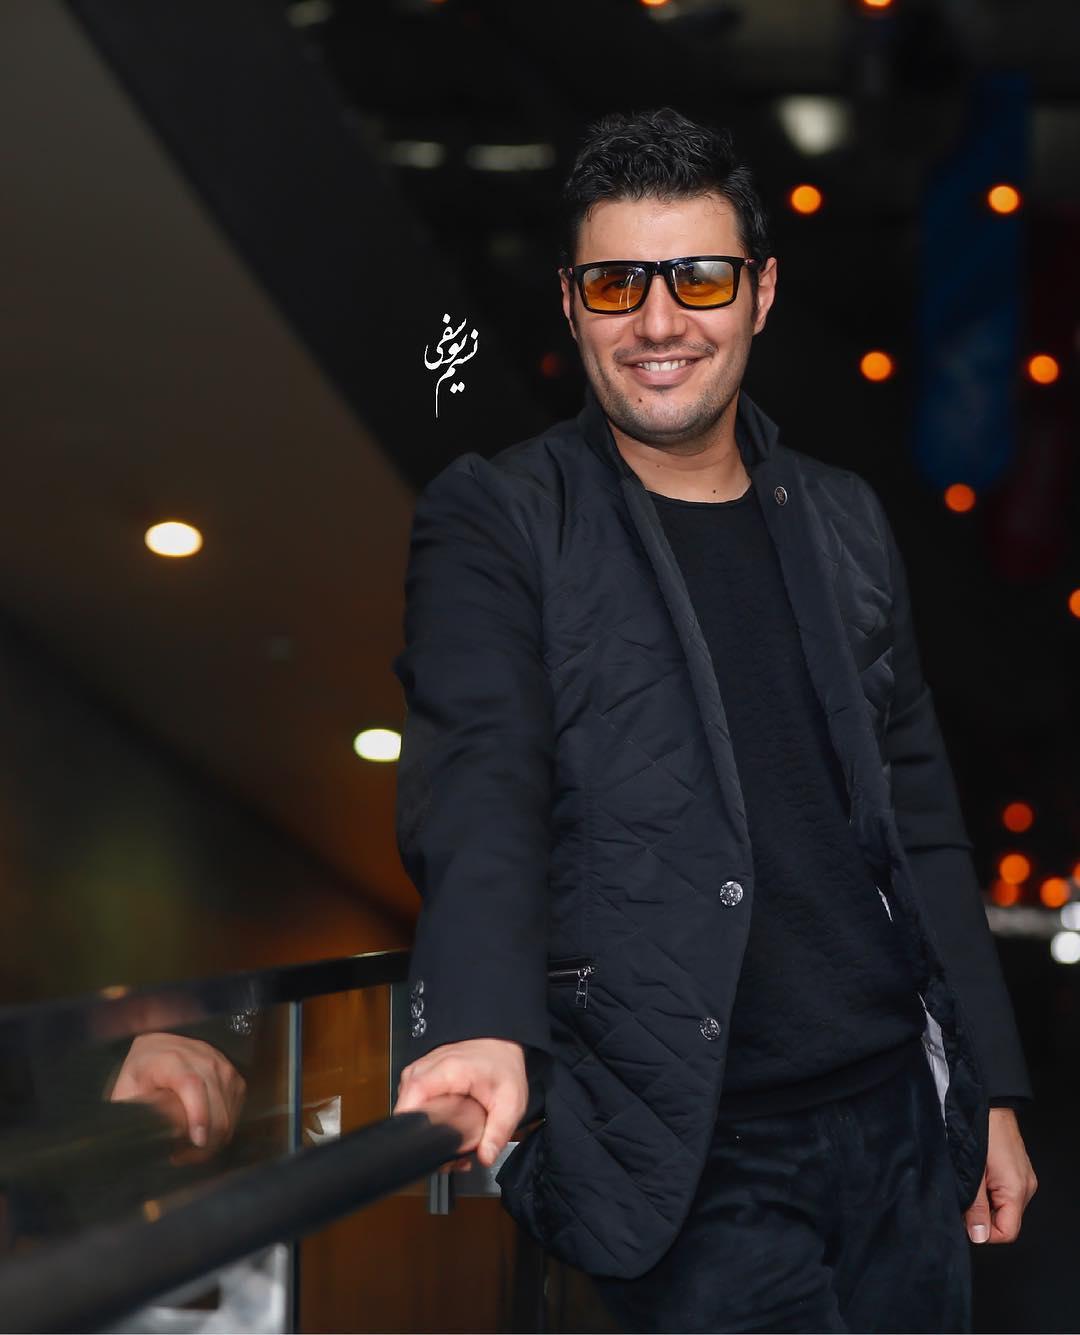 جواد عزتی هم فشنی شد! +عکس